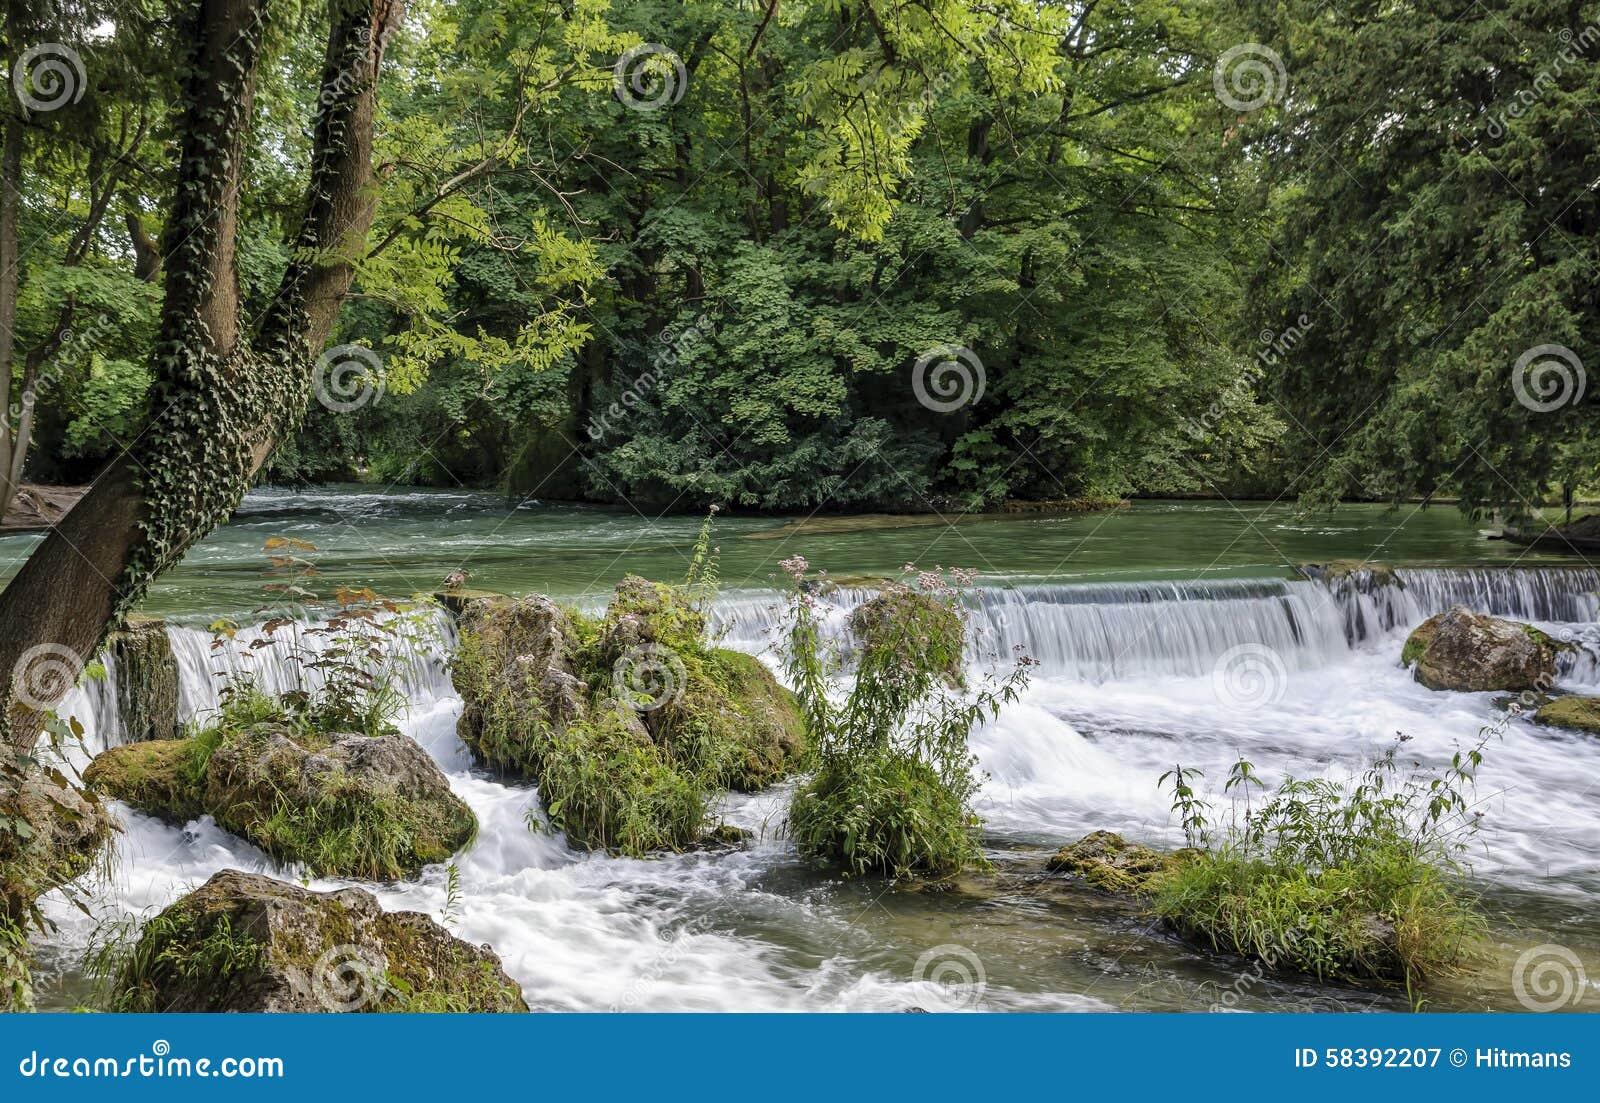 Englischer Garten Englischer Garten Wasserfall Munchen Deutschland